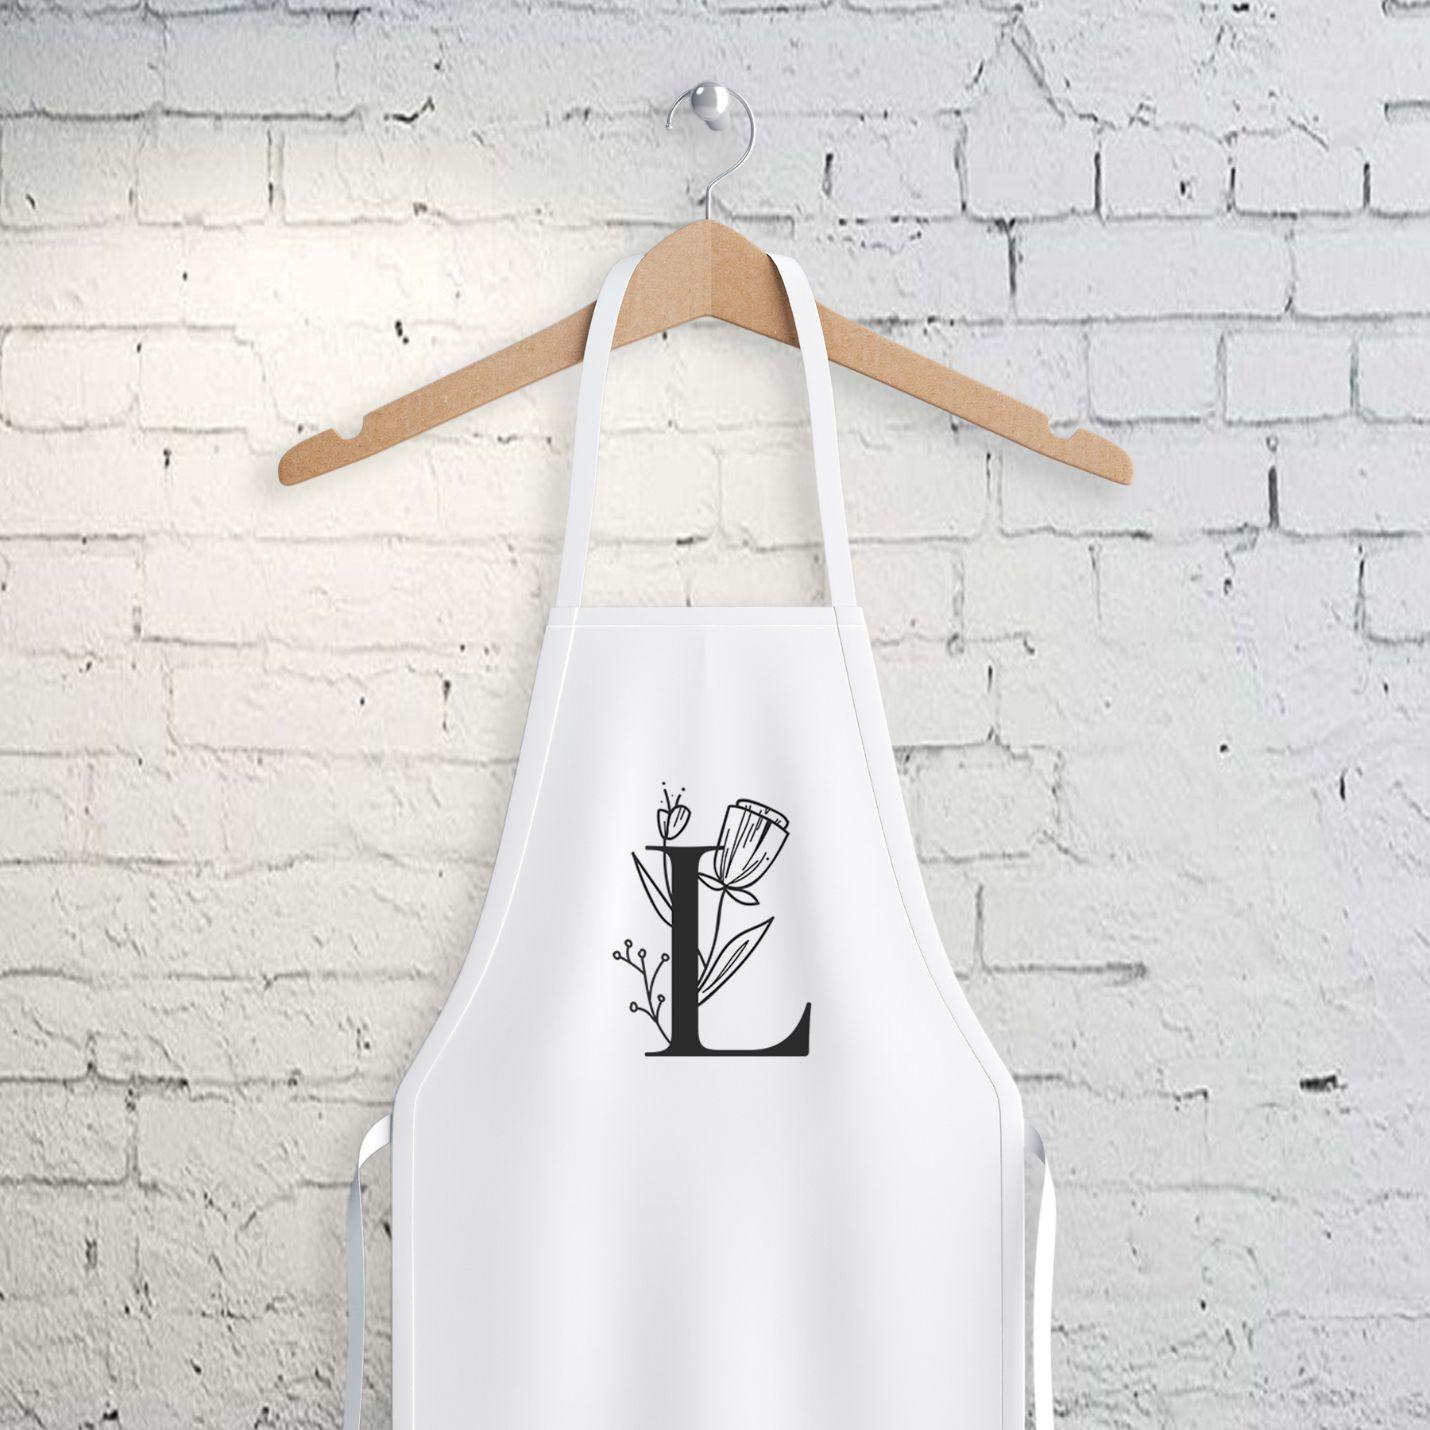 L Harfi Tasarımlı Mutfak Önlüğü